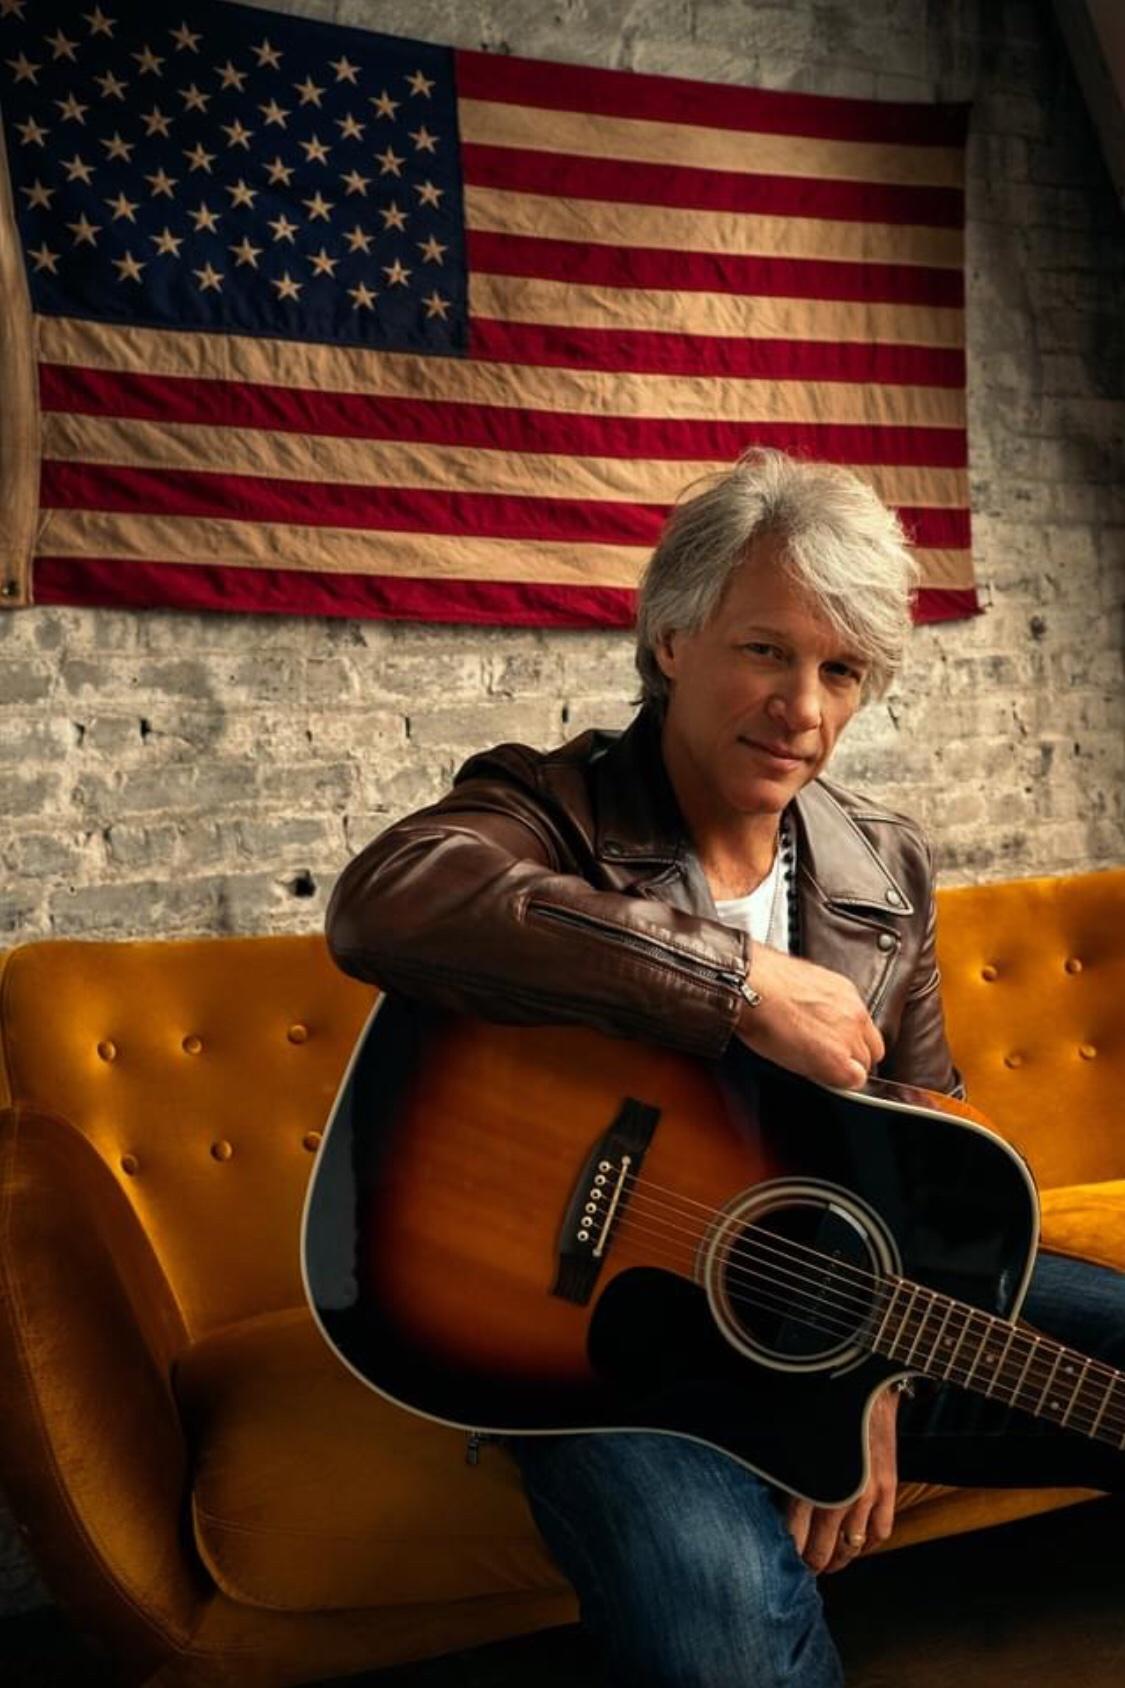 Bon Jovi Foto,Bon Jovi está en tendencia en Twitter - Los tweets más populares